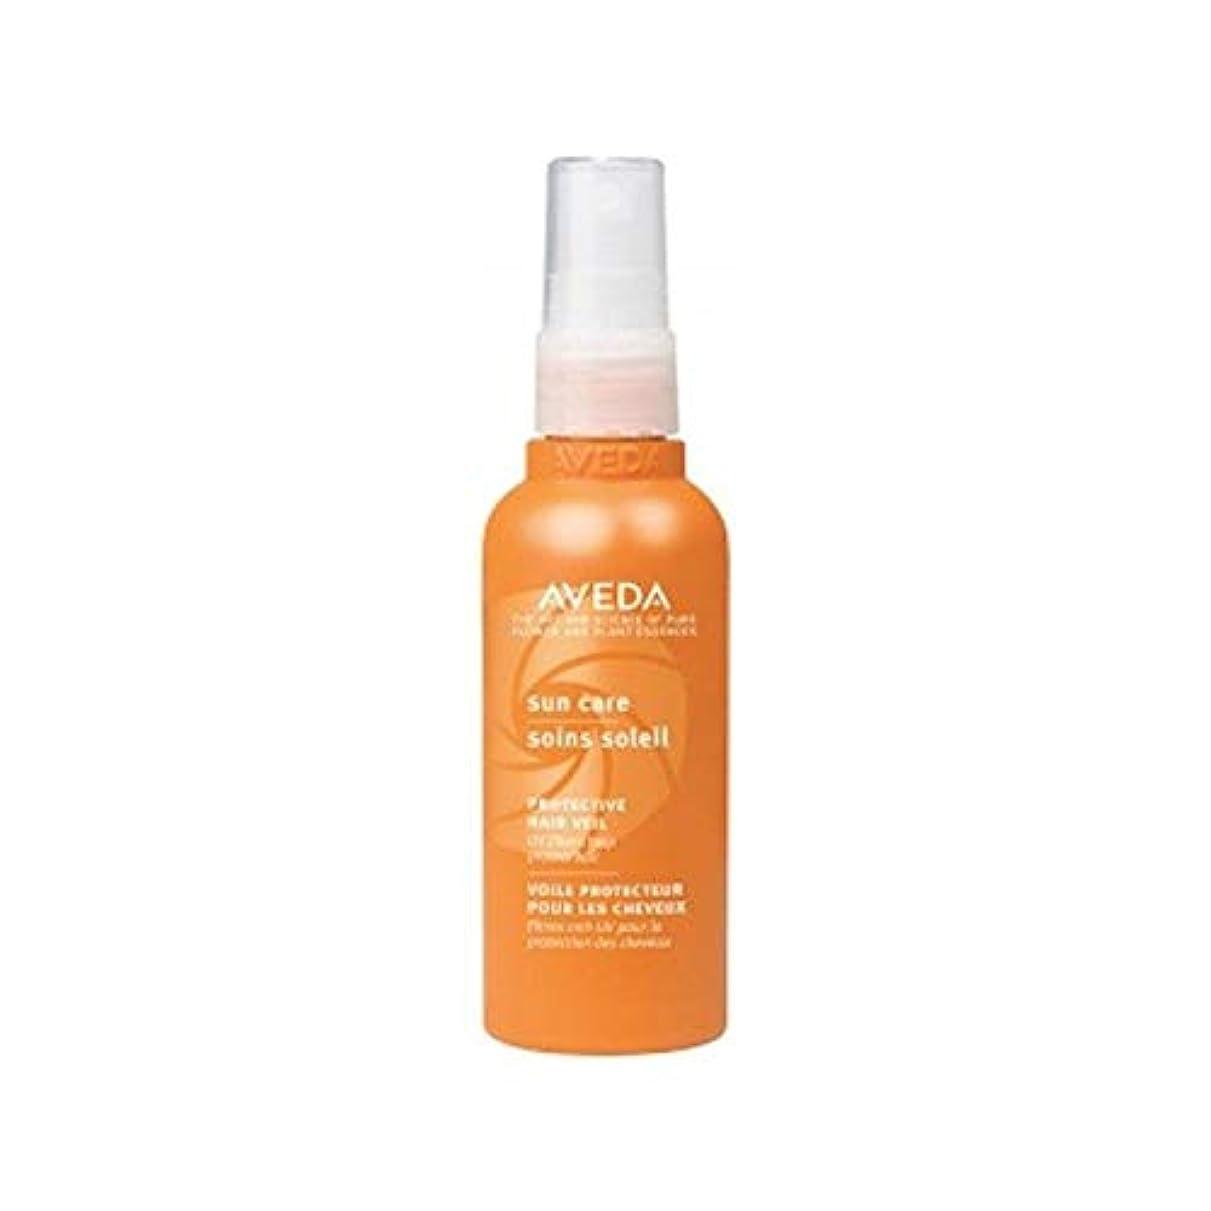 効率的塗抹コロニー[AVEDA ] アヴェダサンケア保護髪のベール(100ミリリットル) - Aveda Sun Care Protective Hair Veil (100ml) [並行輸入品]